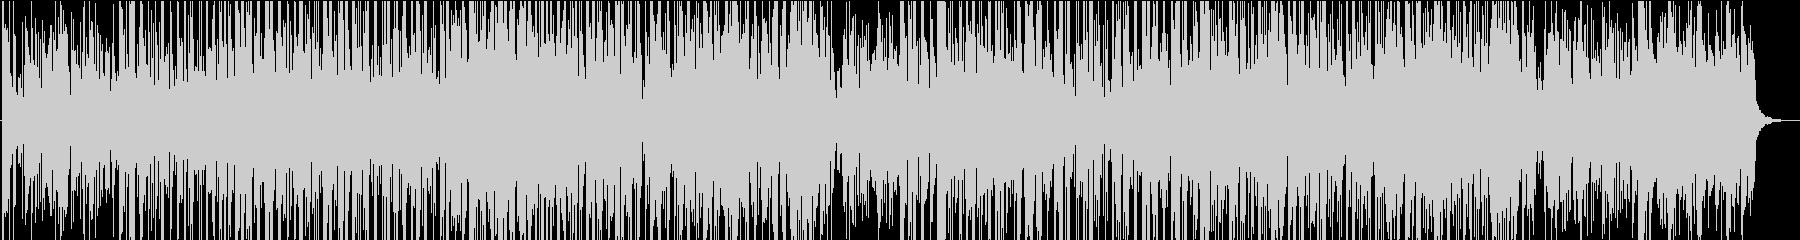 スムースジャズとモダンなチルアウトの未再生の波形